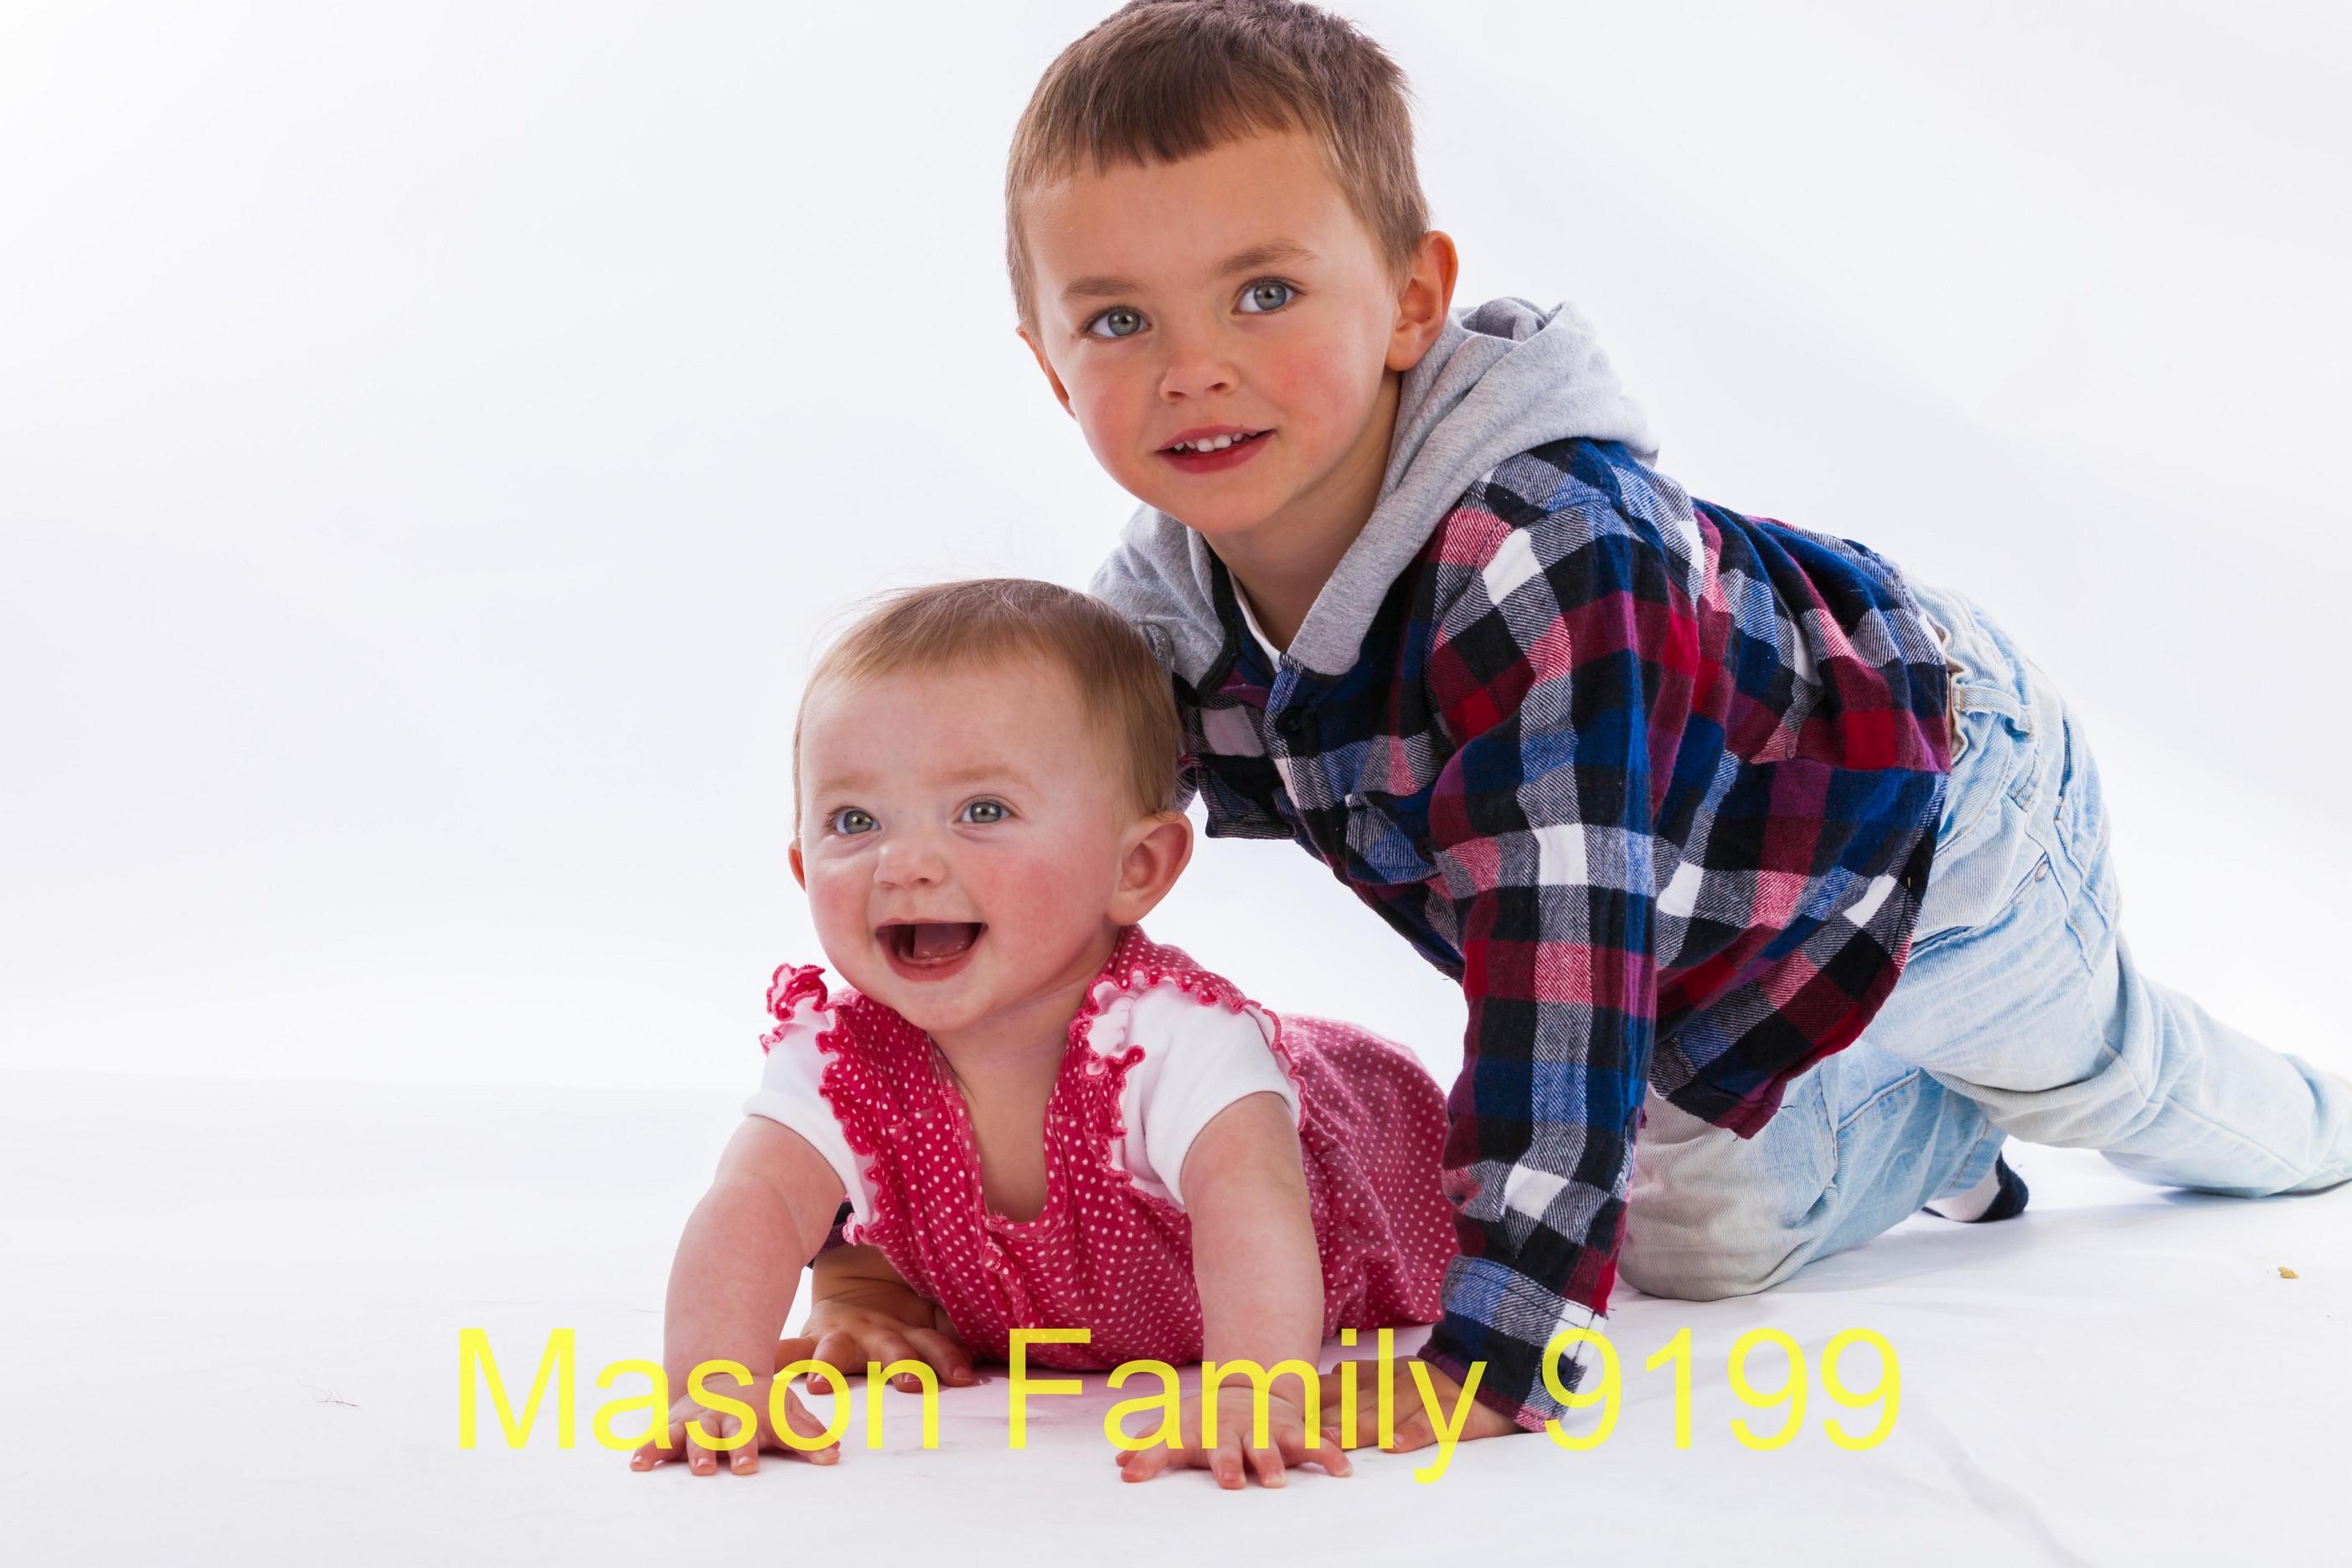 Mason Family 9199